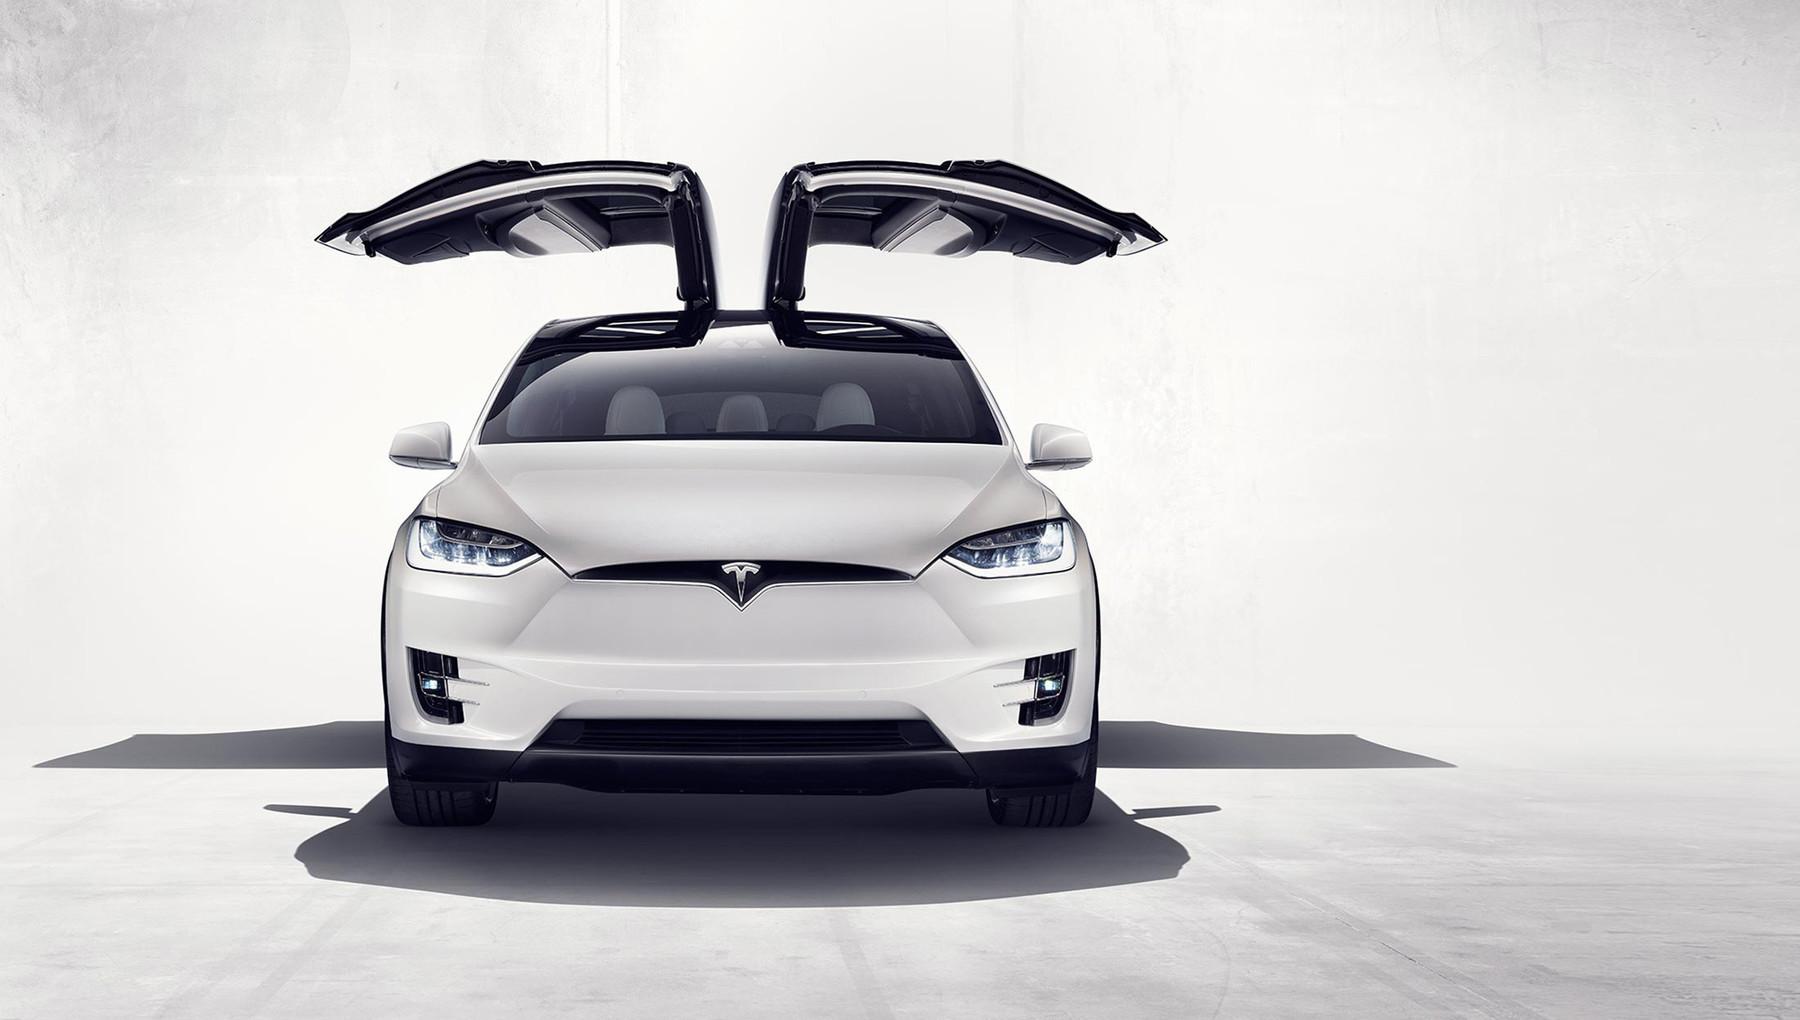 Компания Mercedes-Benz взяла в аренду электрокар Tesla, чтобы изучить его 1